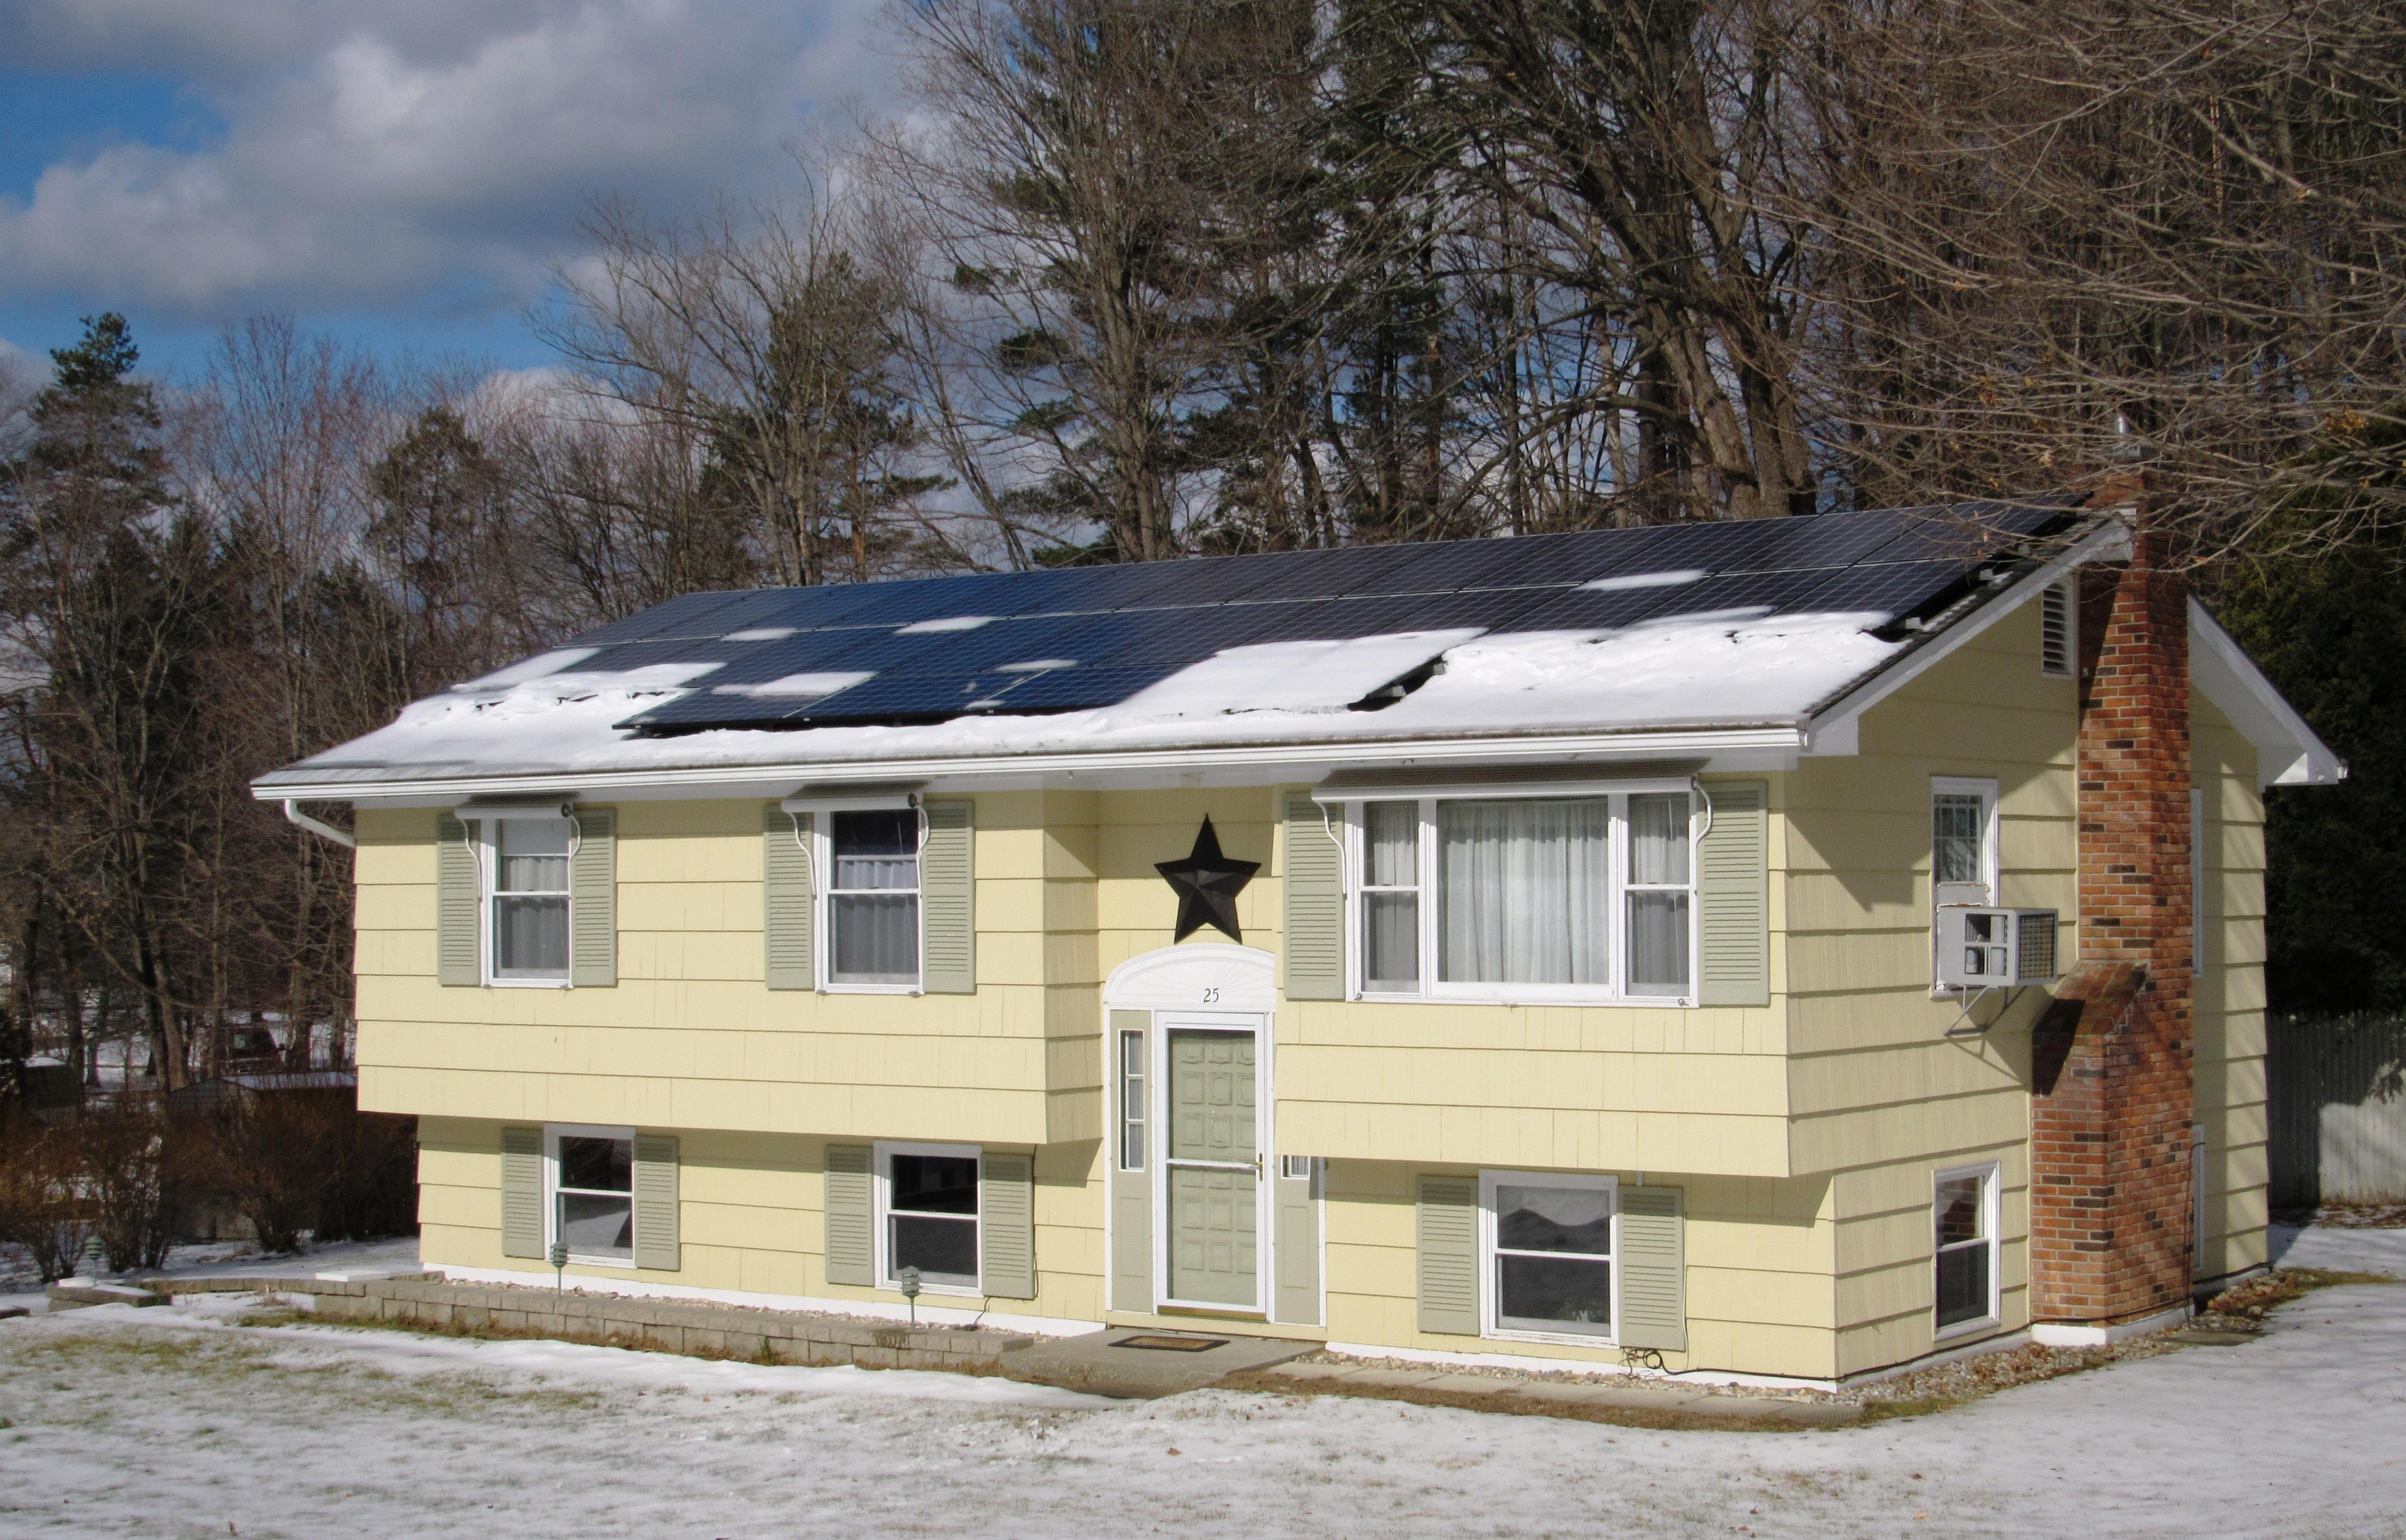 단독 가정 주택 용 매매 에 Home With New Solar Panels 25 Pine Ridge Dr Lee, 매사추세츠, 01238 미국